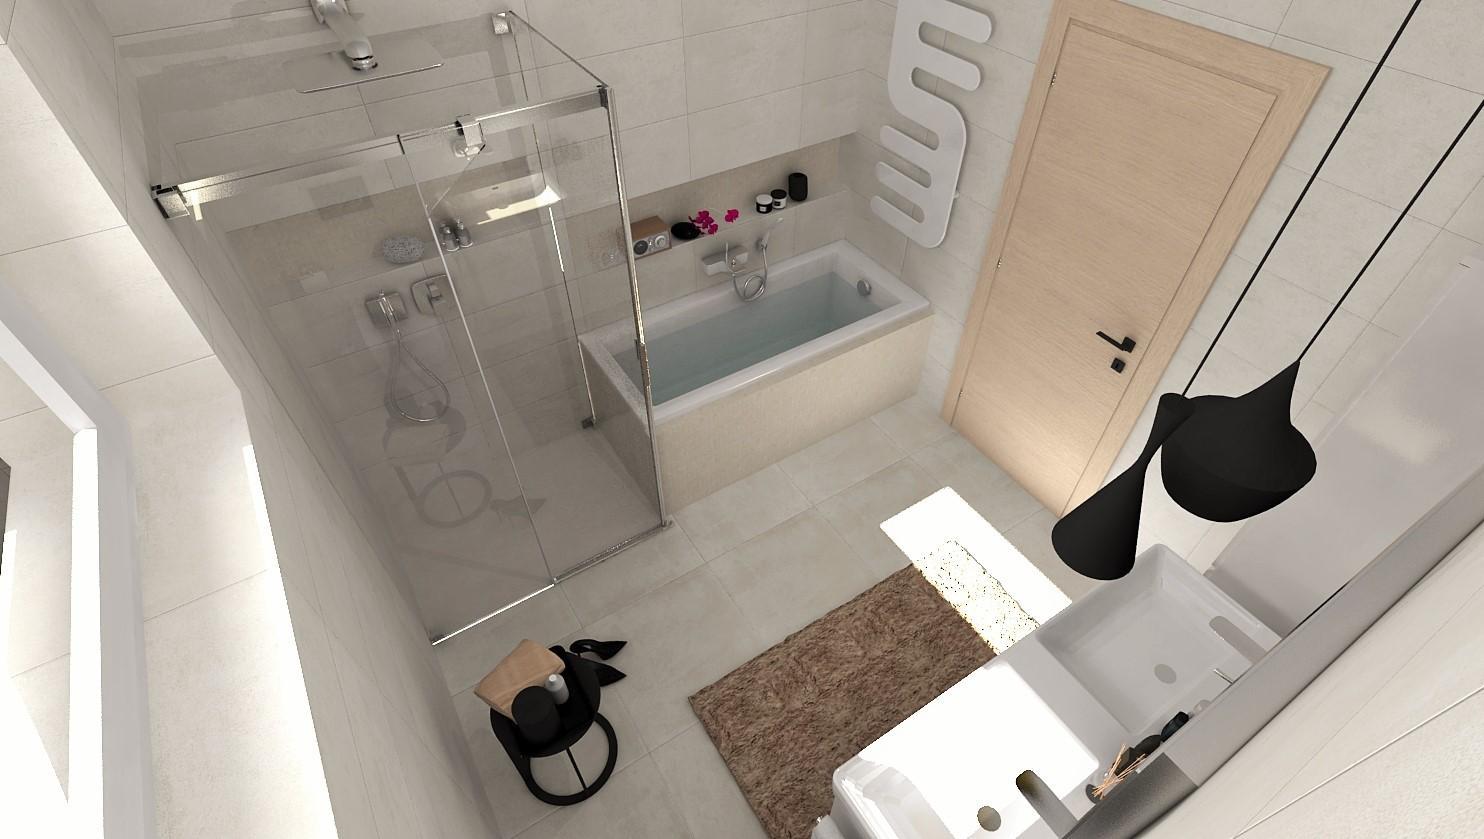 Návrhy a vizualizácie kúpeľní - Obrázok č. 90